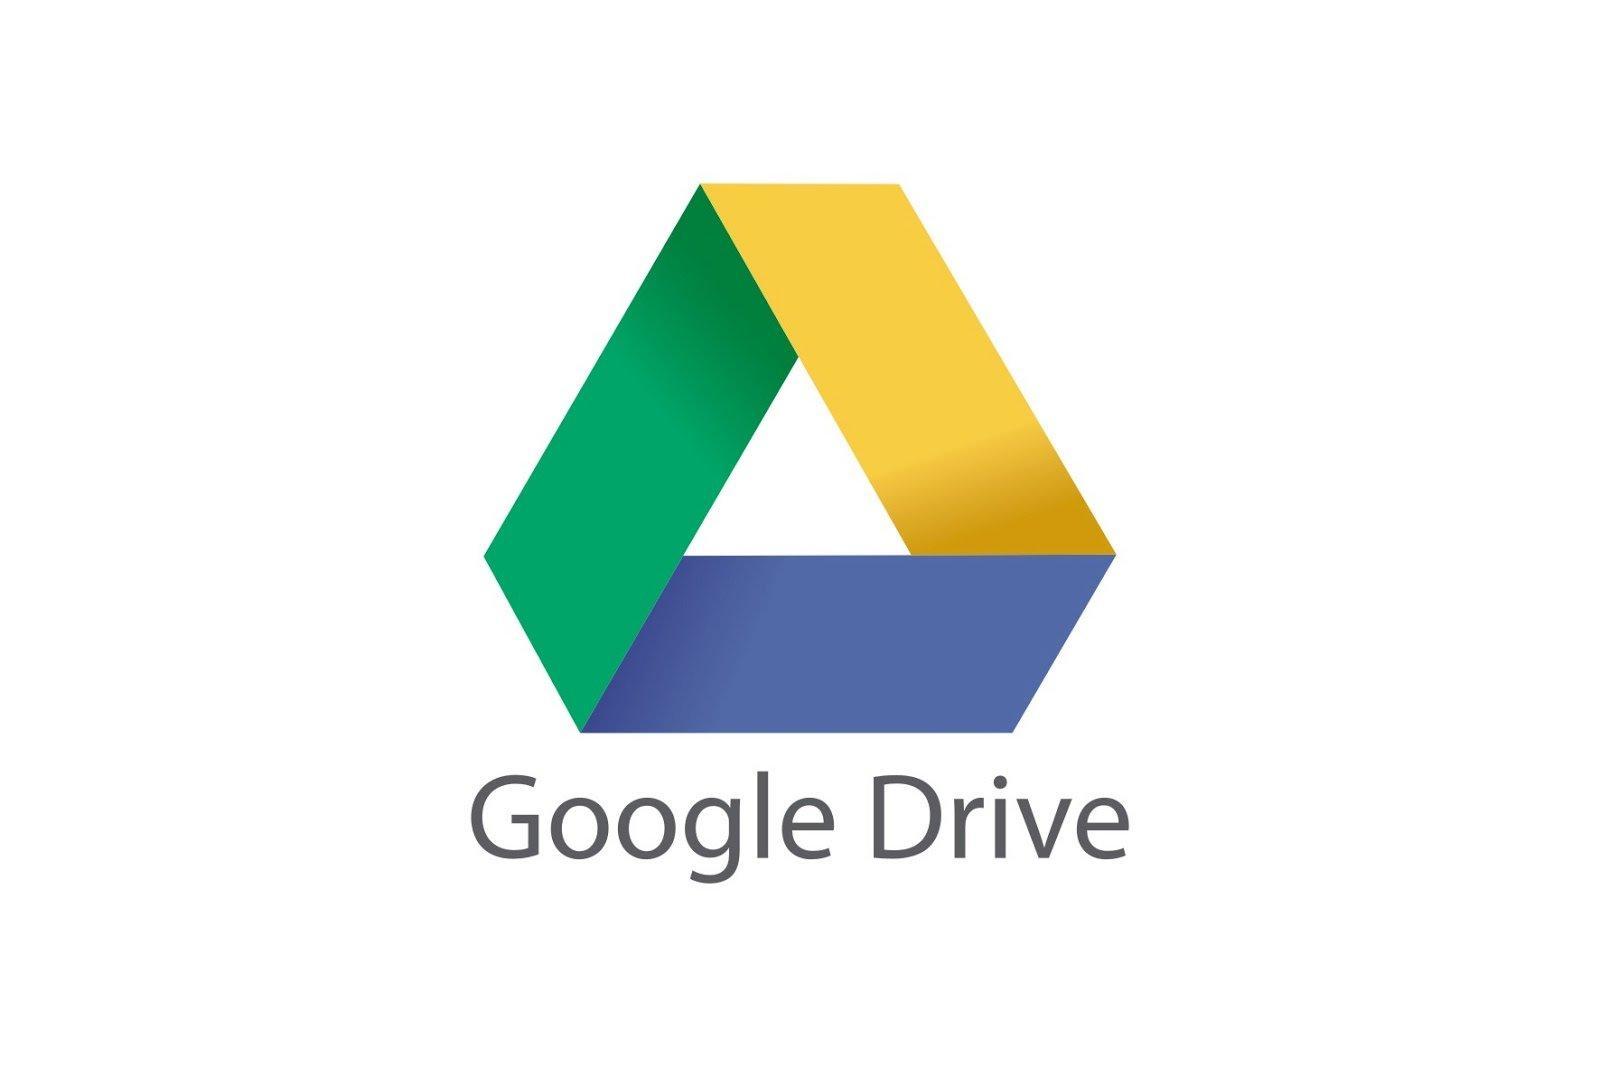 Как увеличить Google Drive на 10 ГБ: скачайте QuickOffice для планшета или смартфона